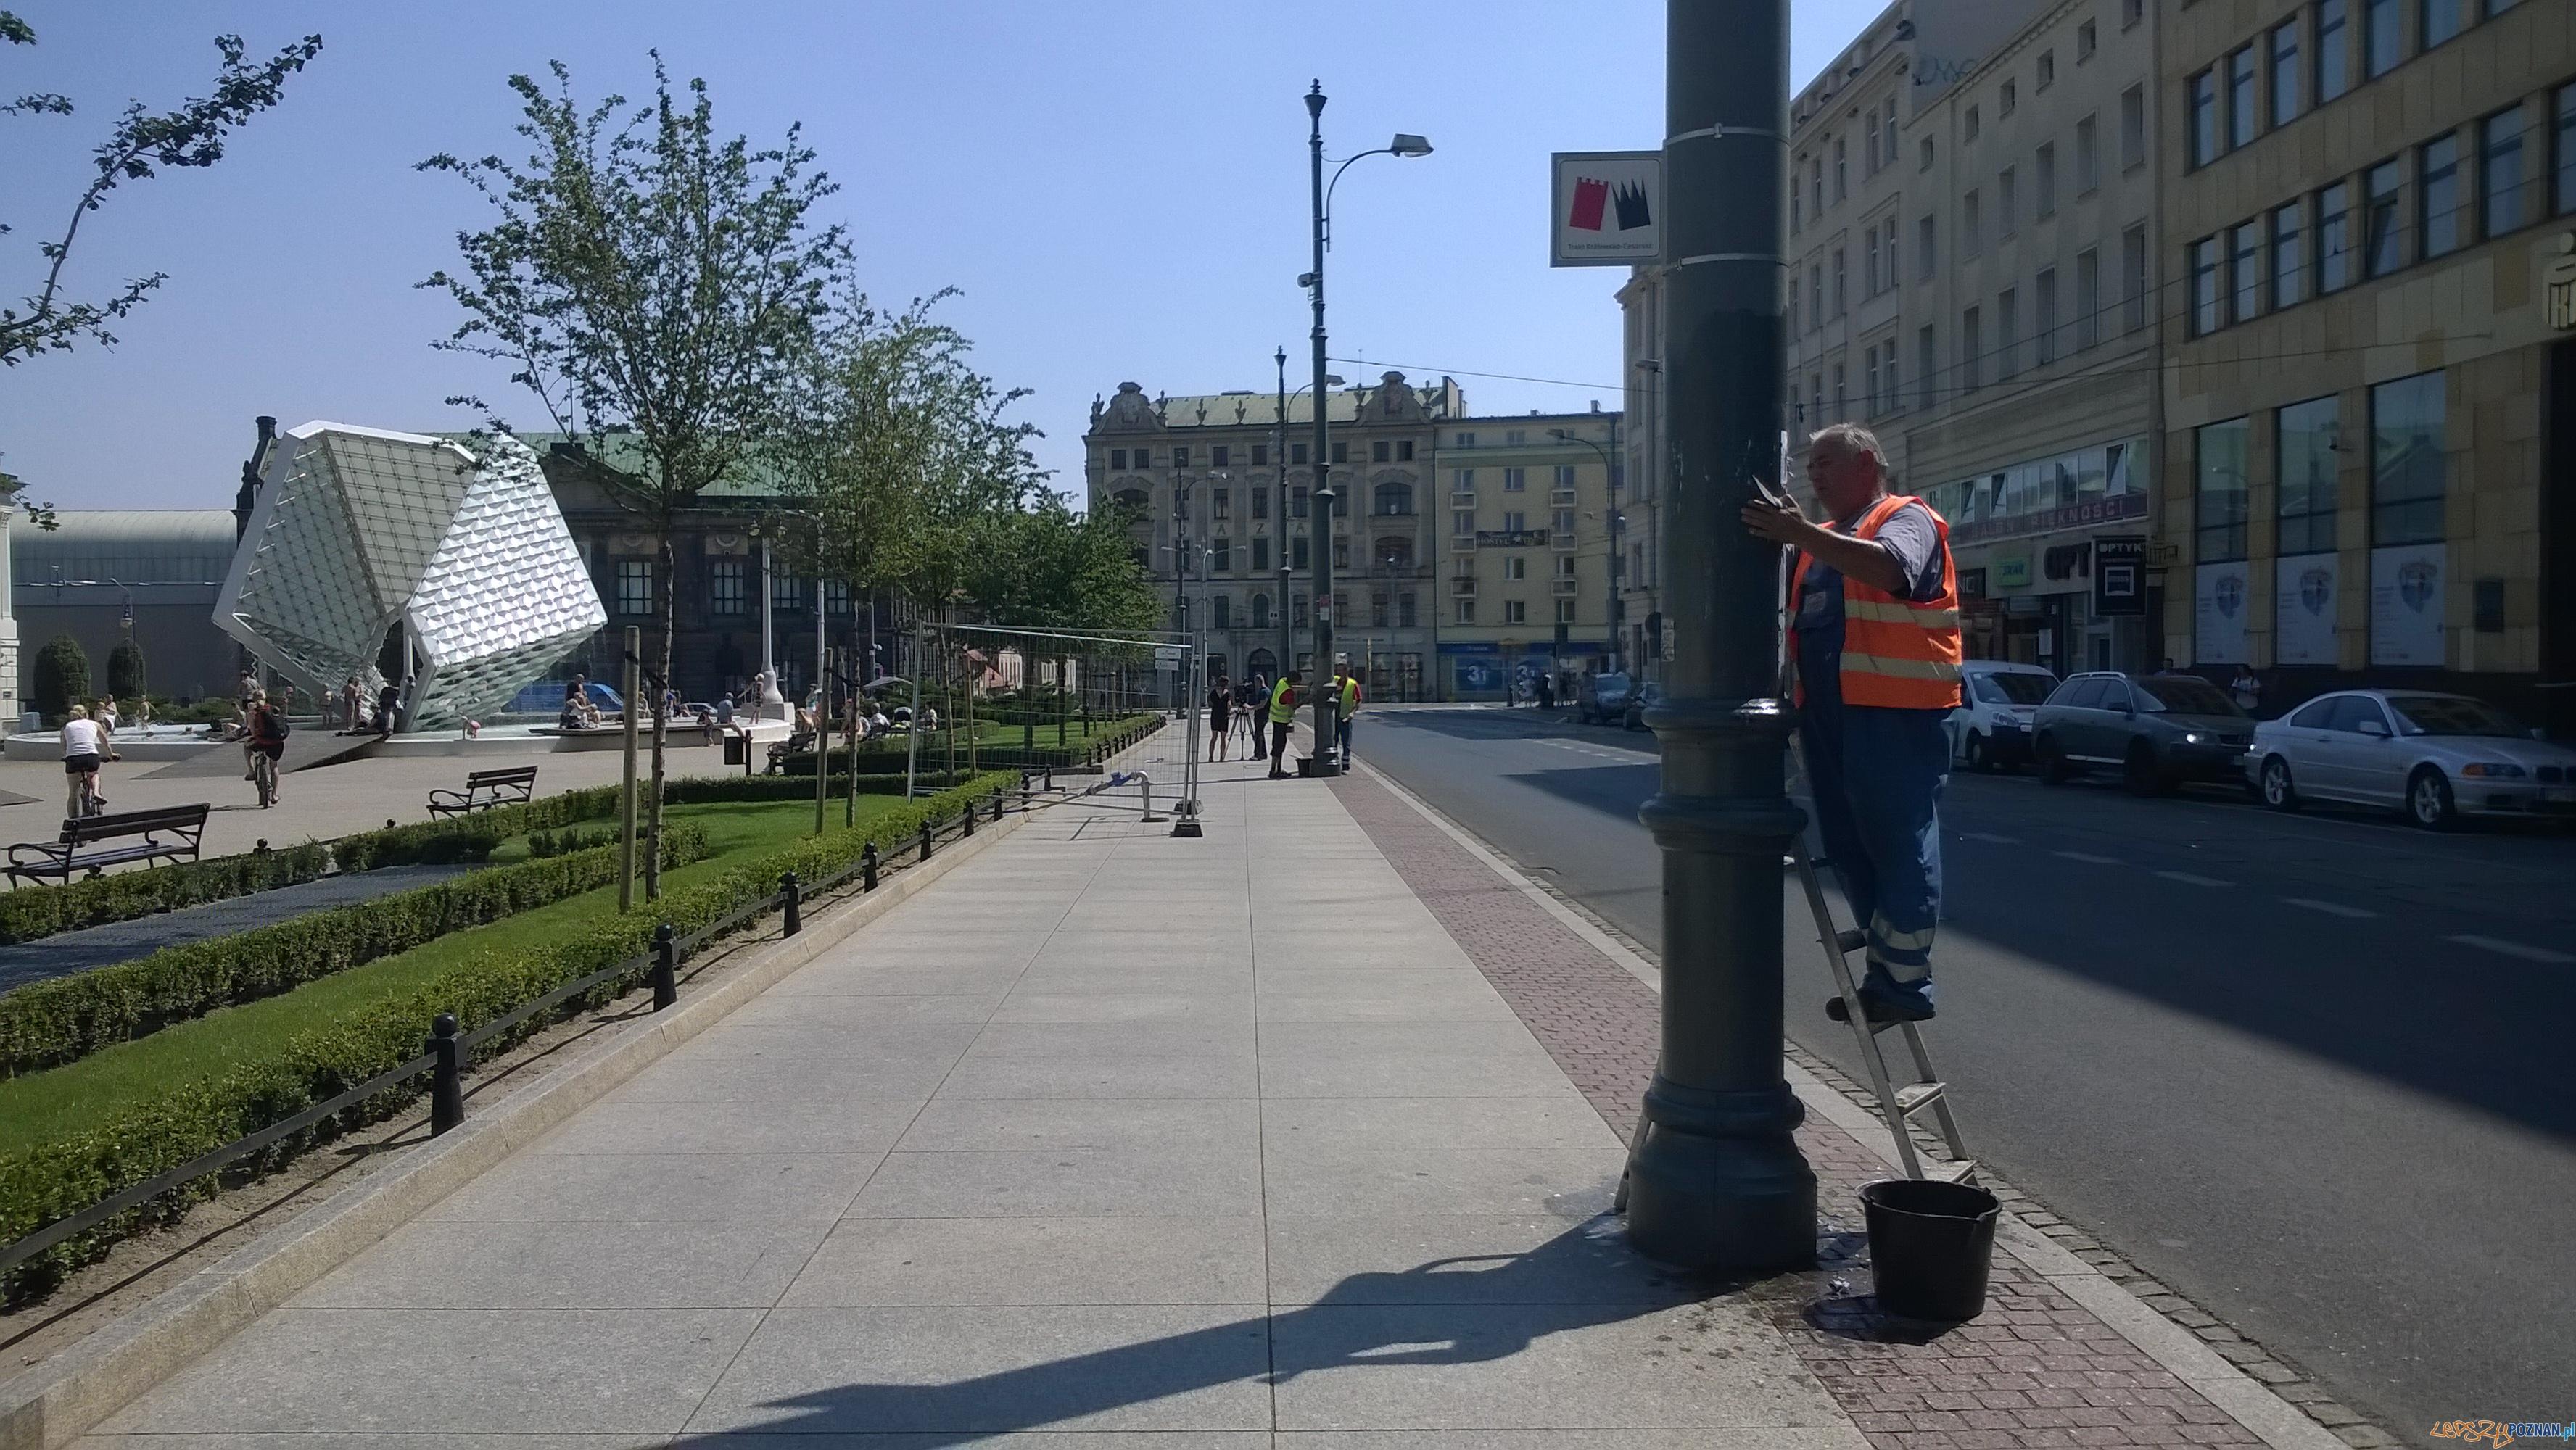 Po raz kolejny plakaciarze okleili miejskie słupy  Foto: TD